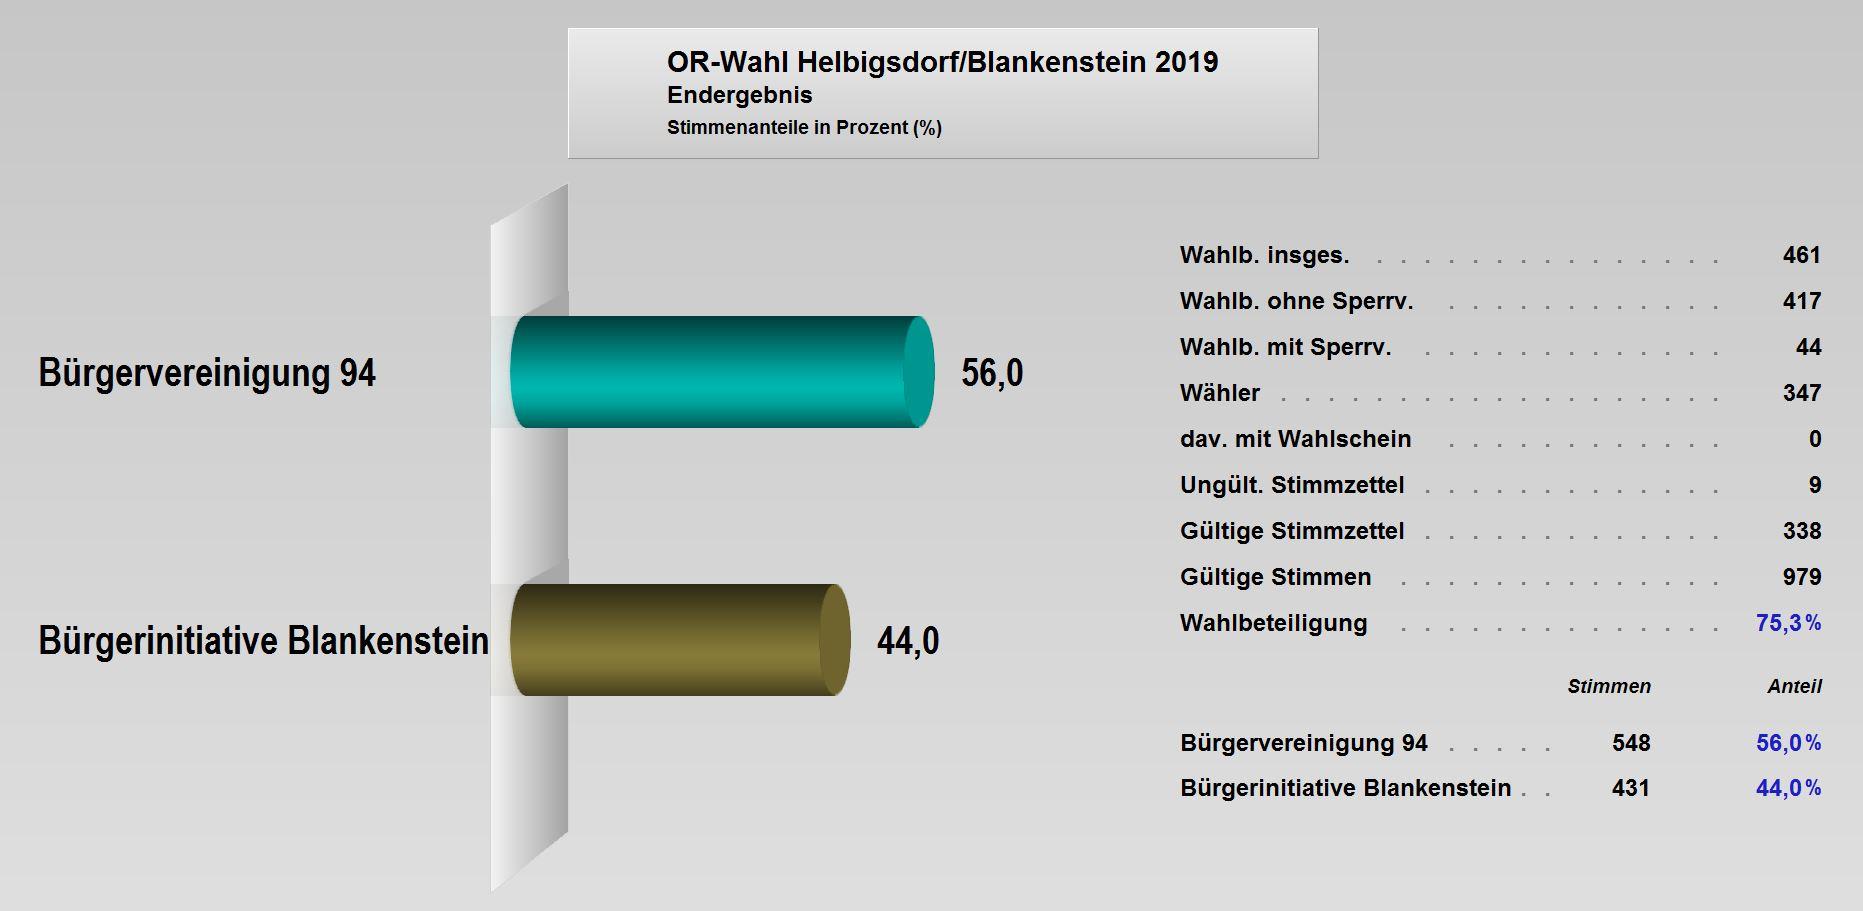 OR-Wahl_2019_Endergebnis_Helbigsdorf_Blankenstein.JPG